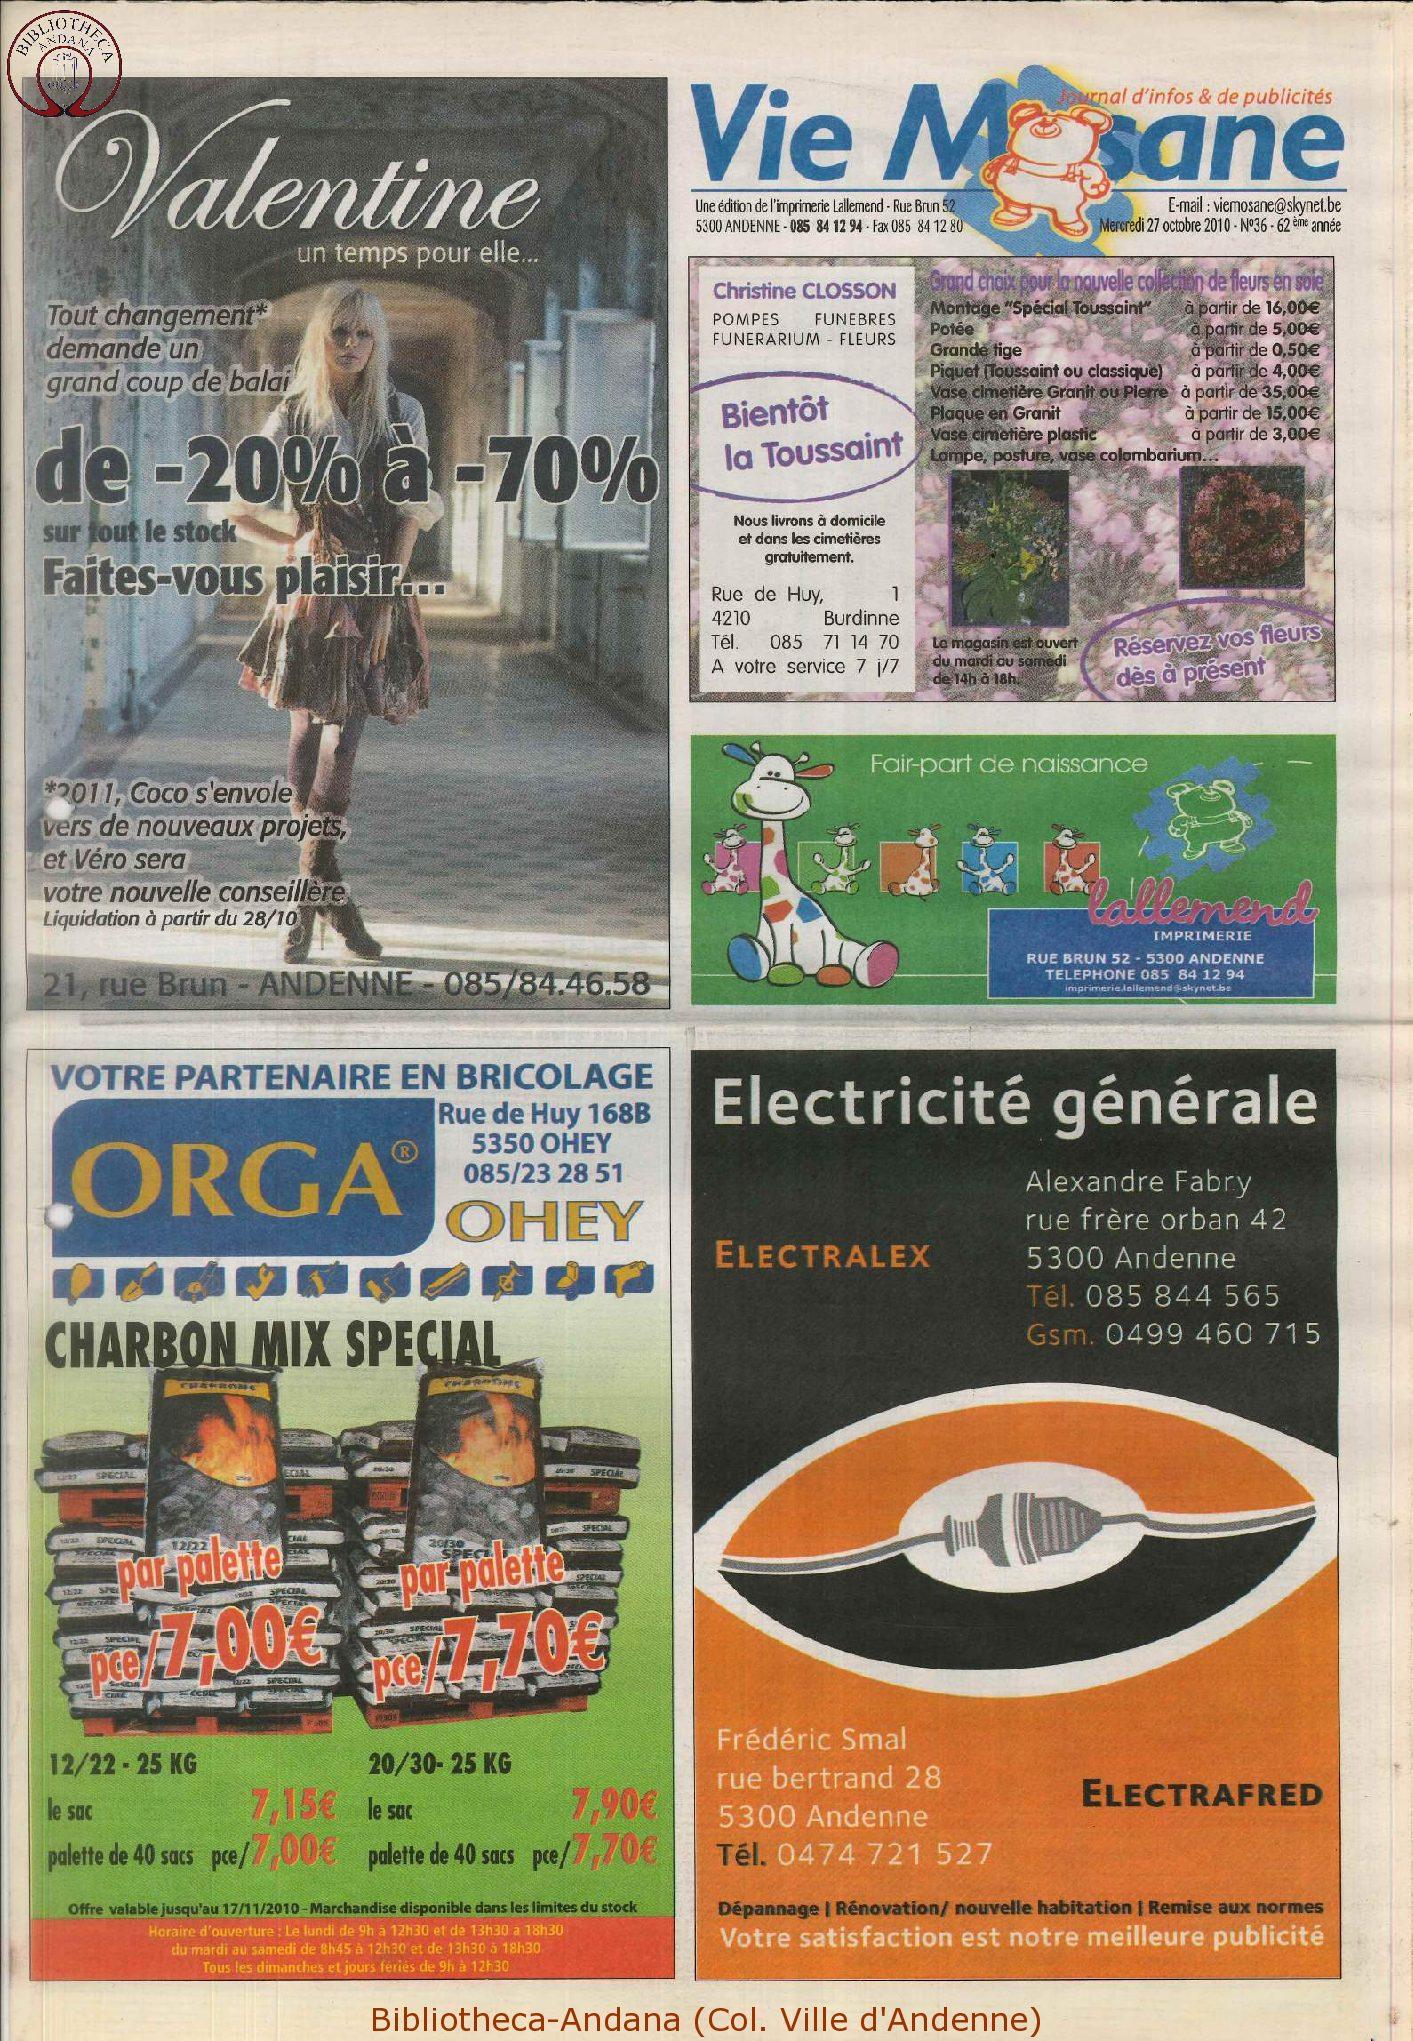 63e année - n°36 - 27 octobre 2010